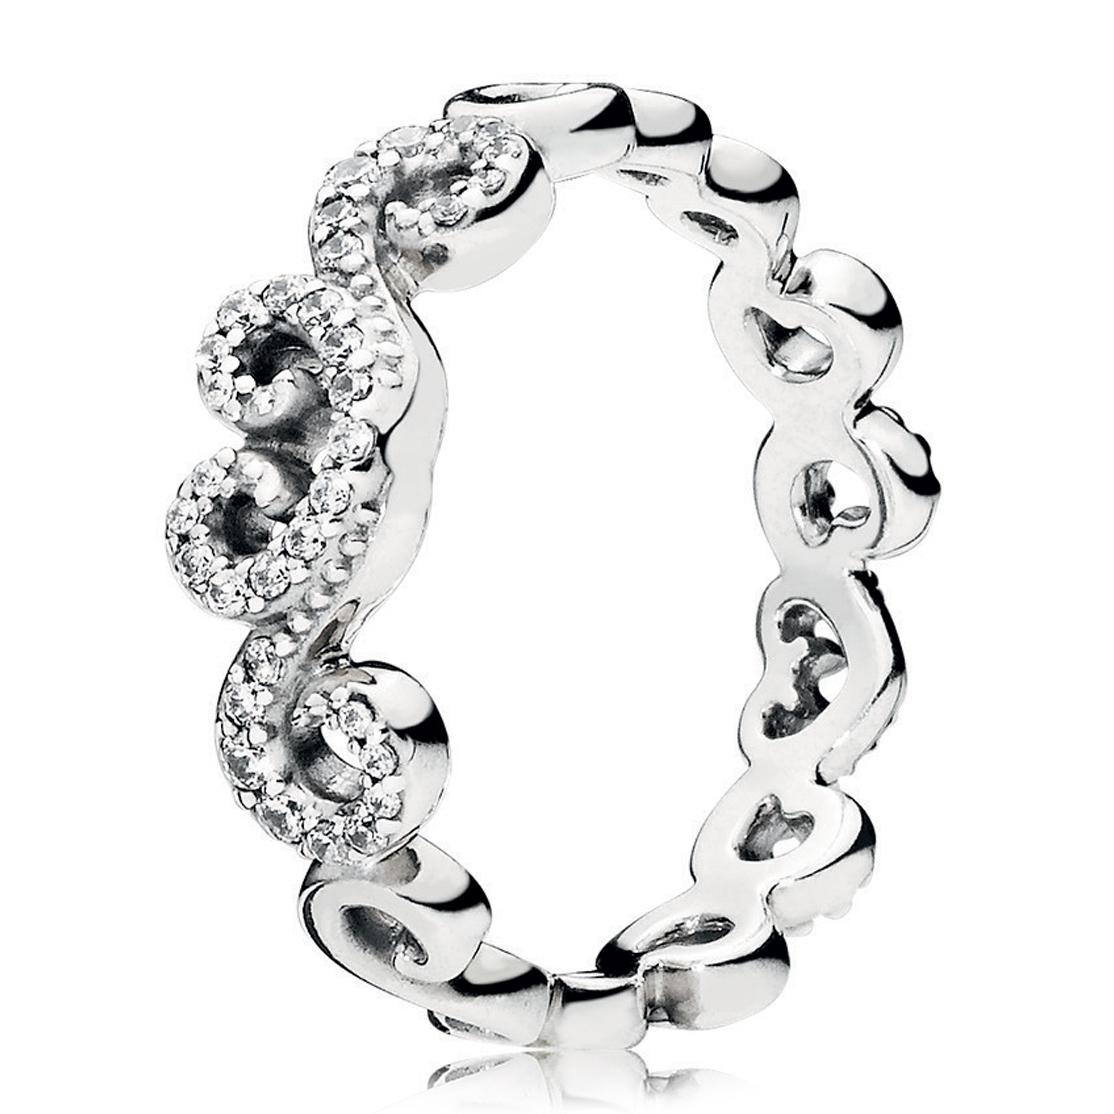 18282d626 PANDORA Heart Swirls Choker Necklace - Pancharmbracelets.com